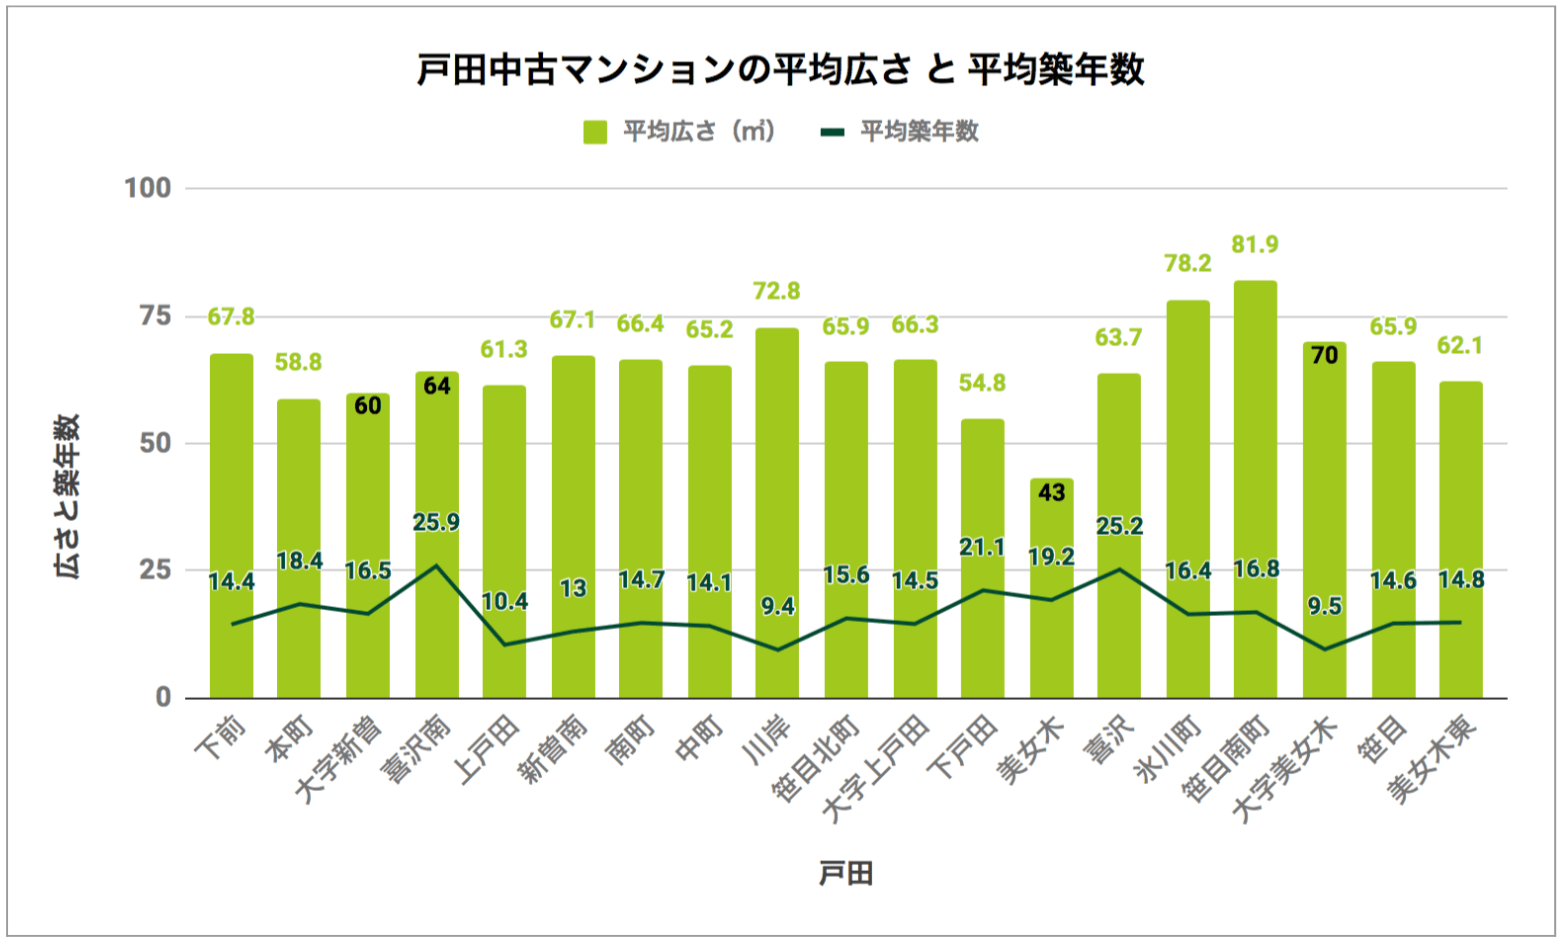 戸田「中古マンションの平均広さと平均築年数」